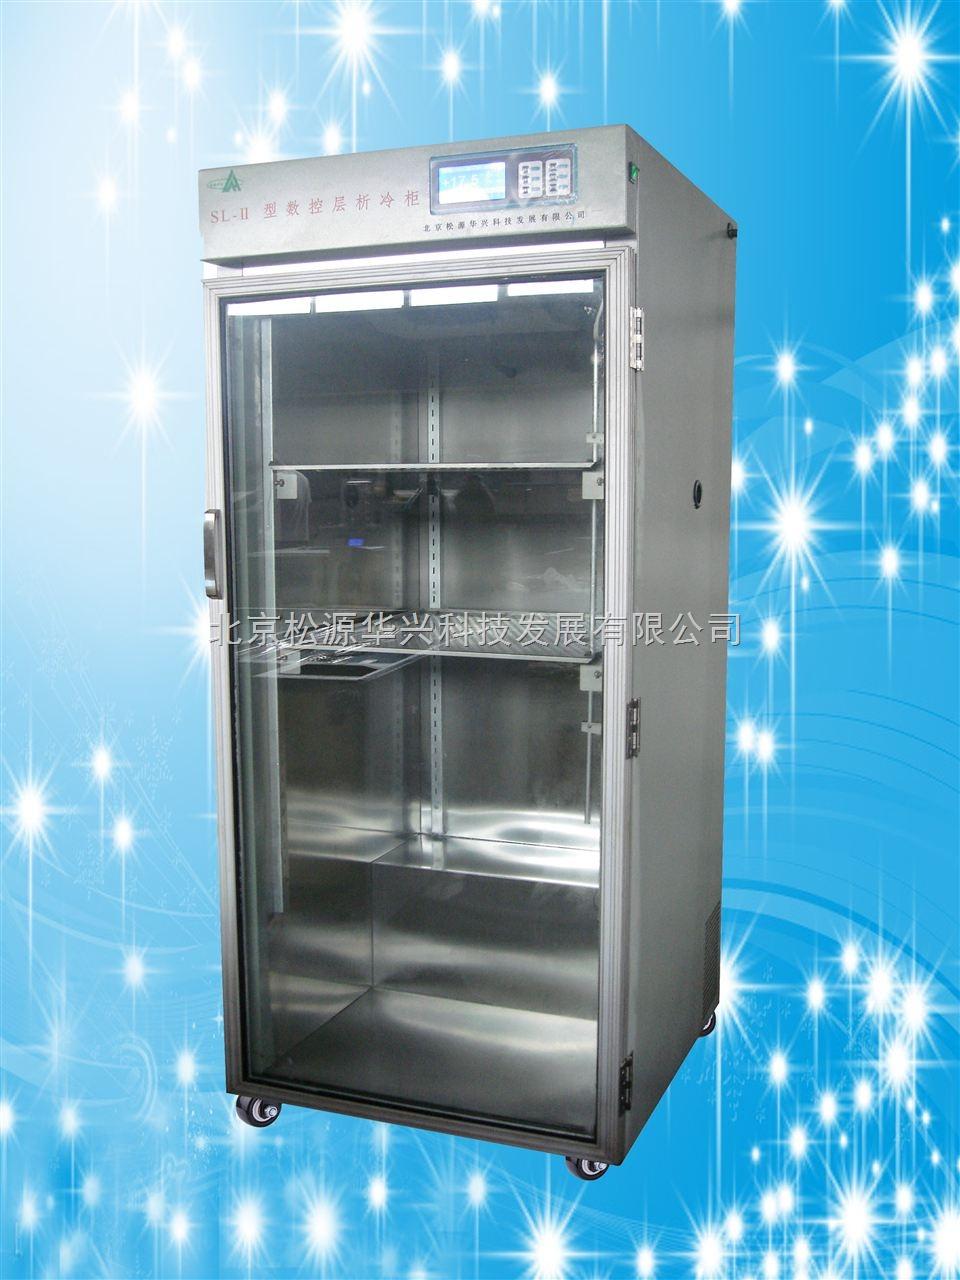 層析冷柜/松源華興SL-II數控層析冷柜